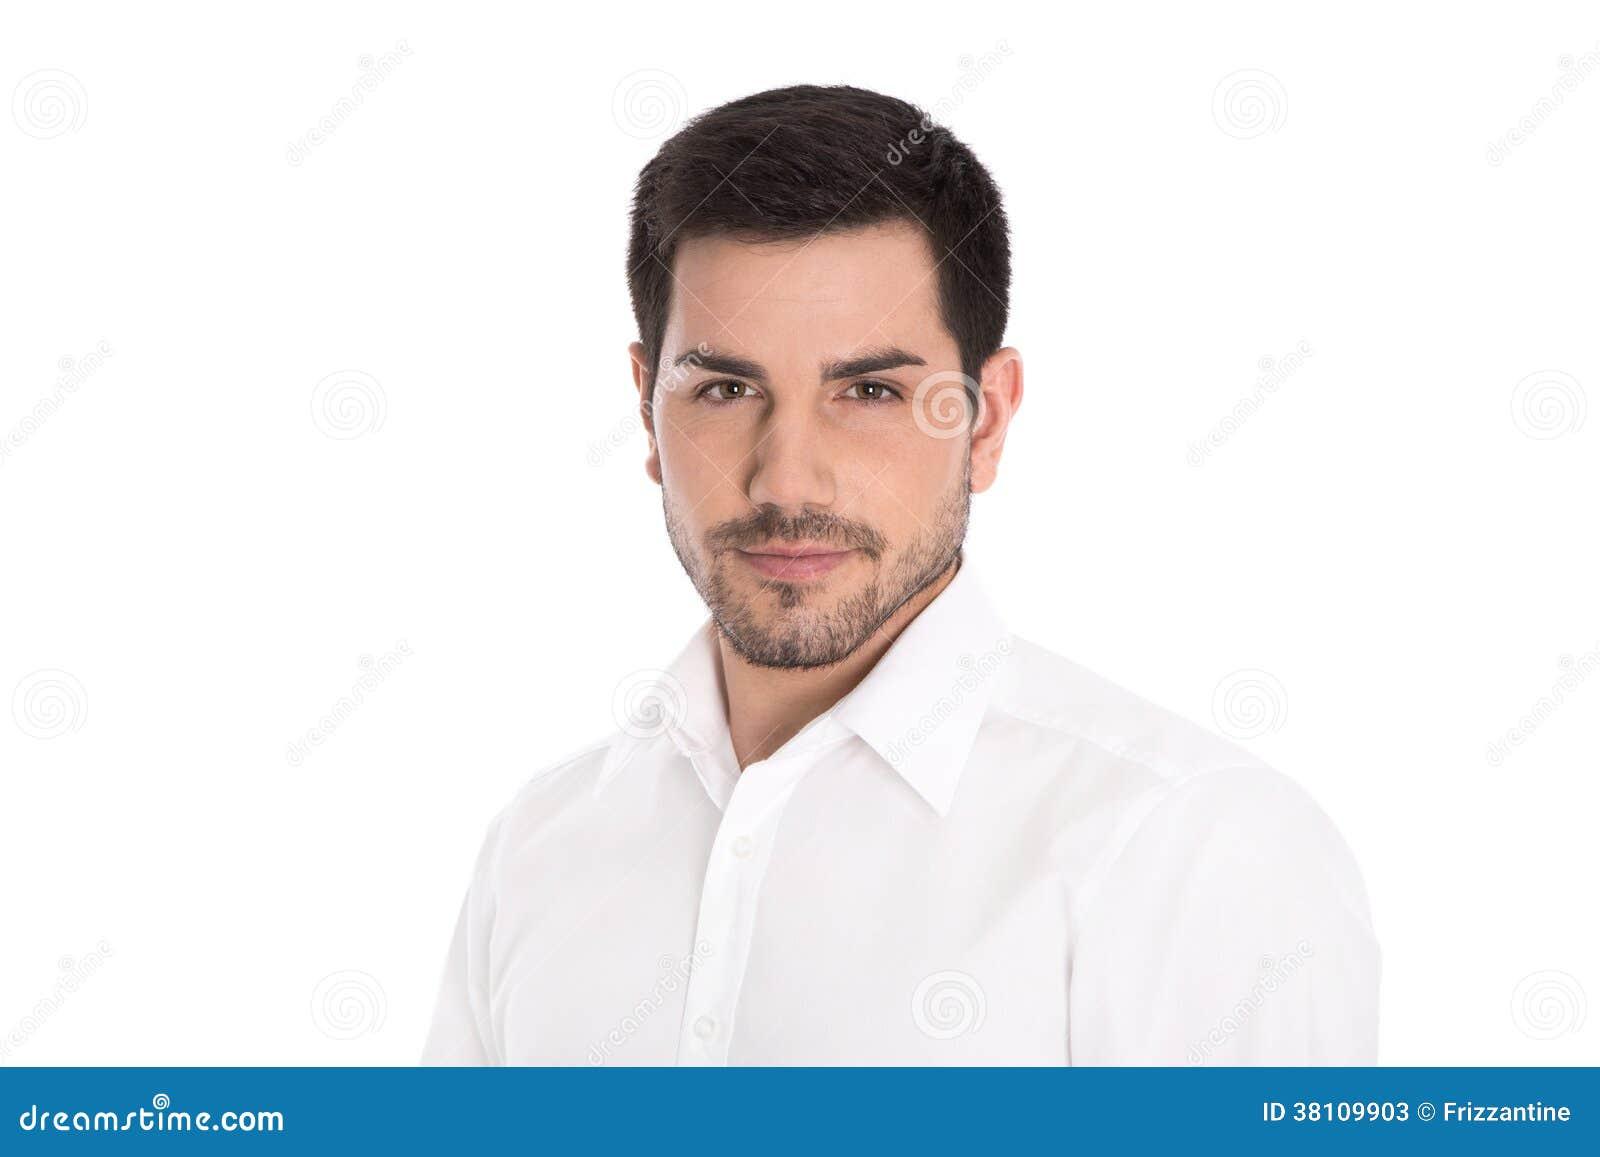 Portret van de succesvolle aantrekkelijke bedrijfsdiemens op wit wordt geïsoleerd.